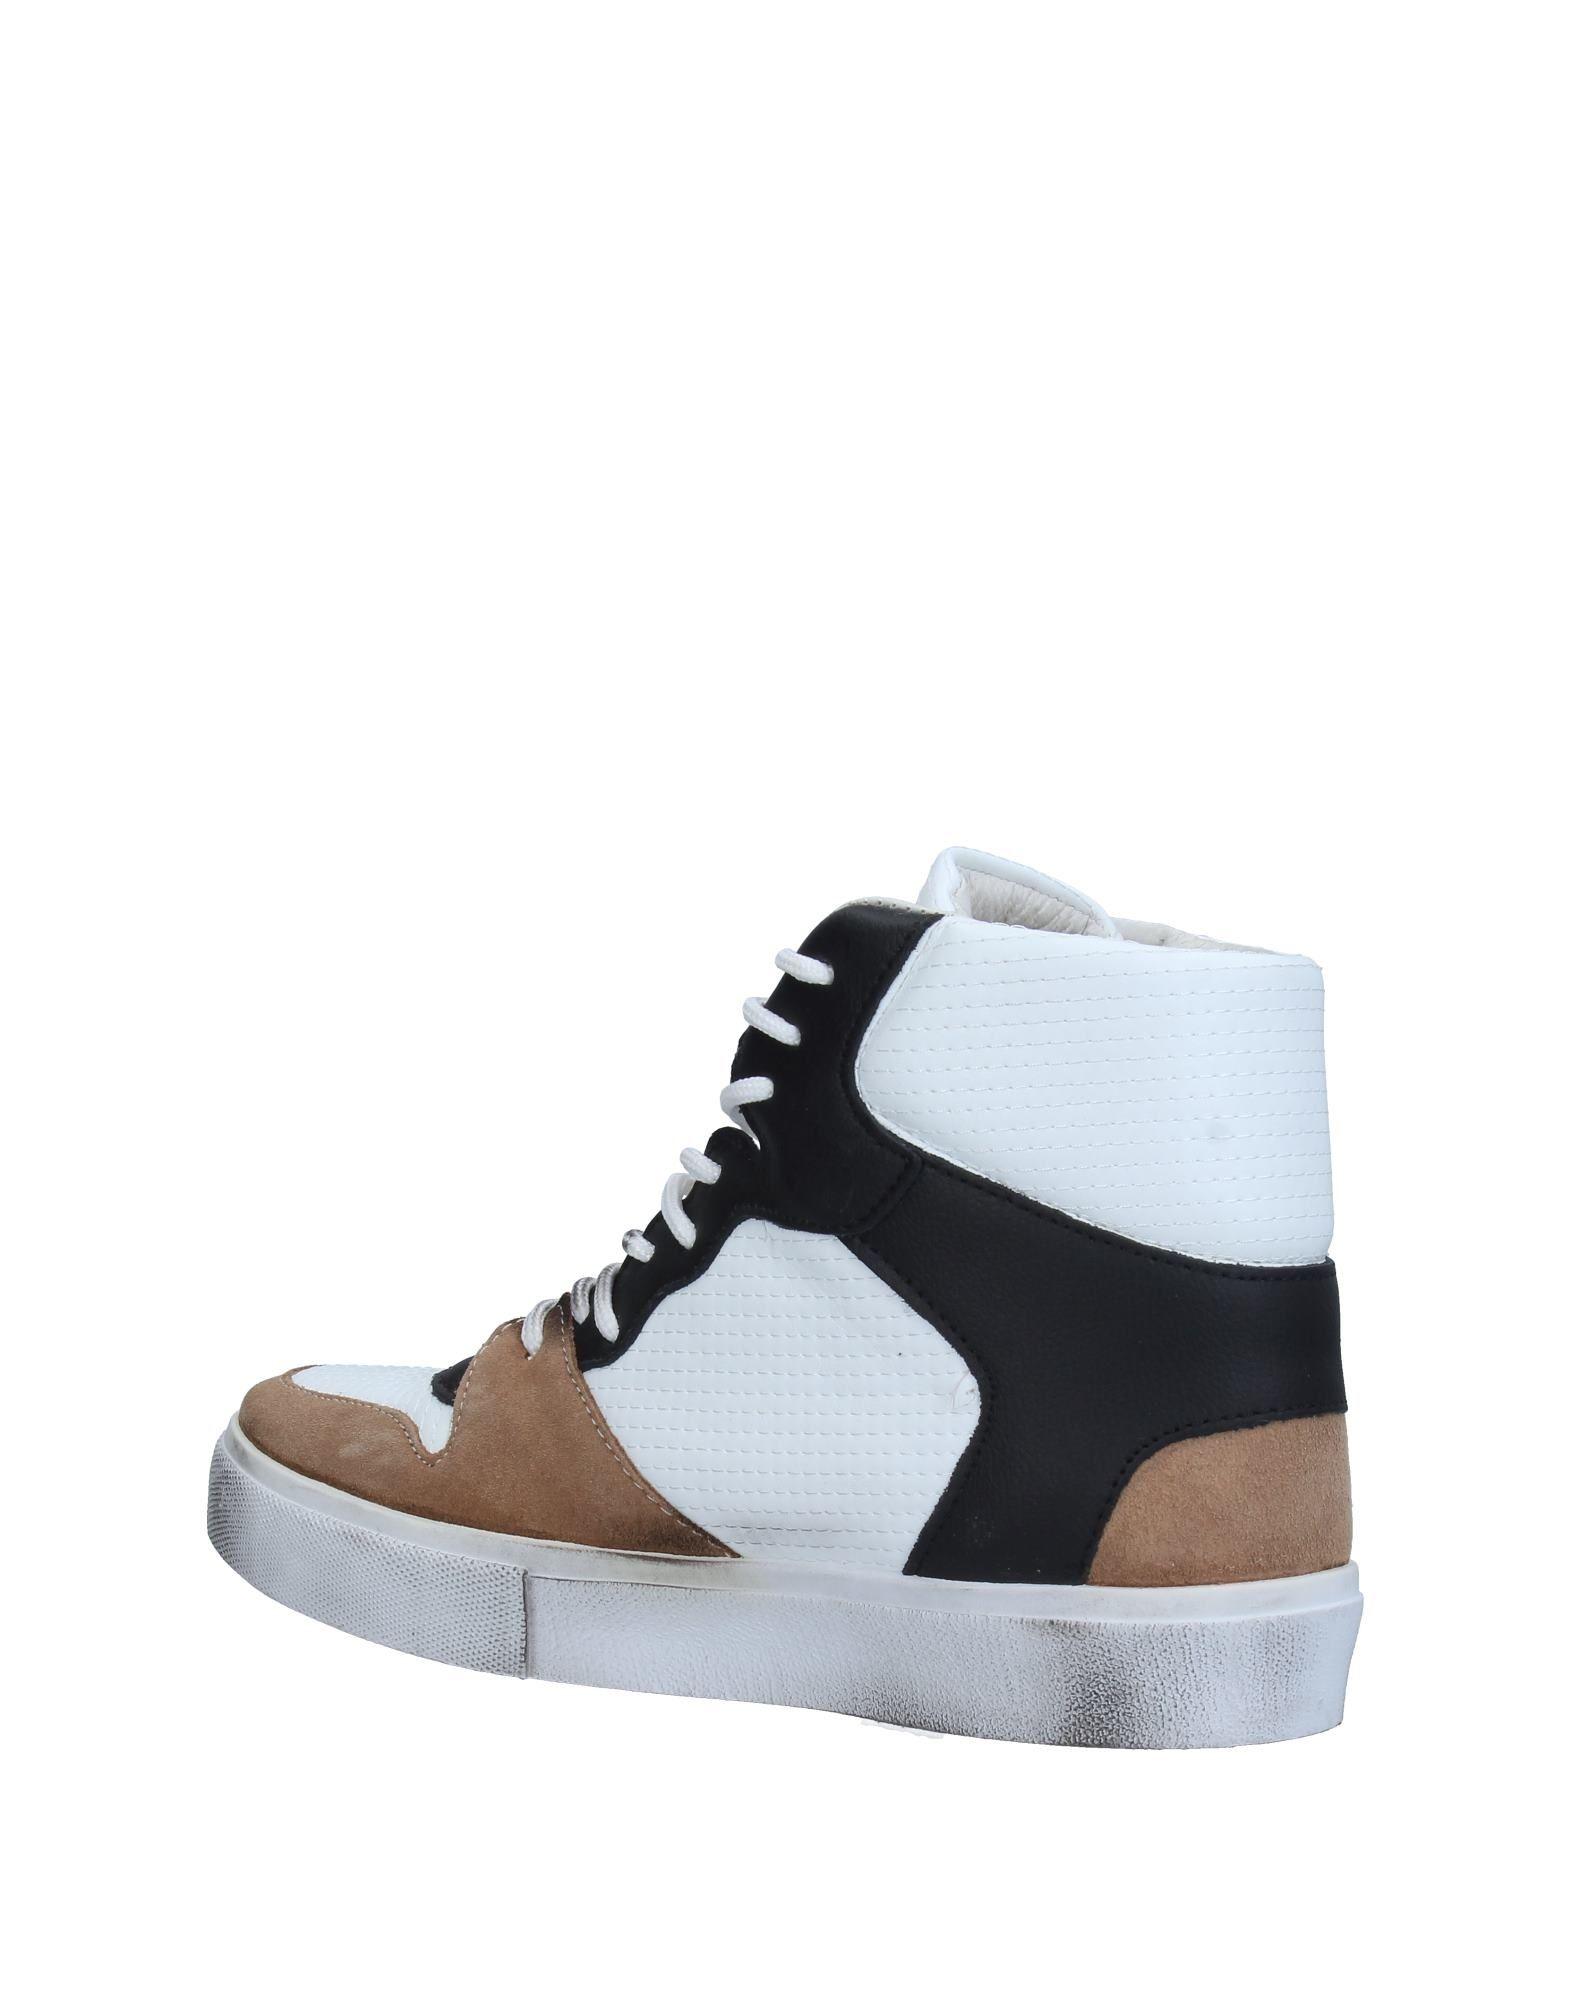 Rabatt Herren echte Schuhe 2Star Sneakers Herren Rabatt  11331059QQ 250823